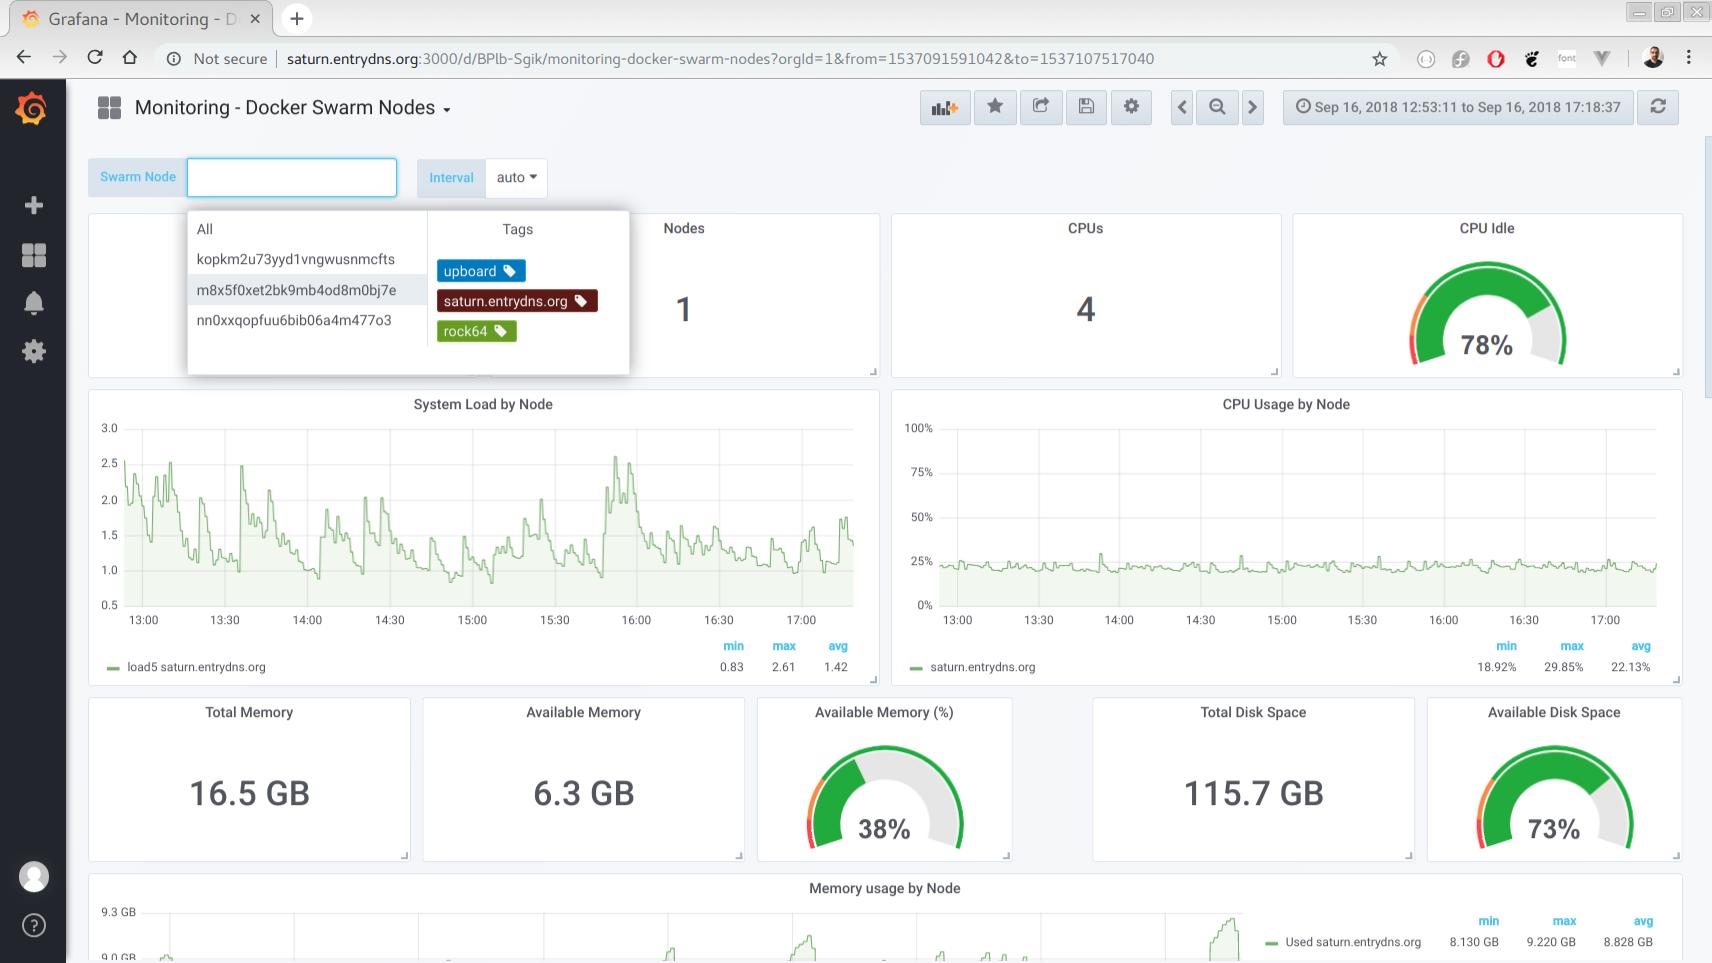 monitoring_docker_nodes